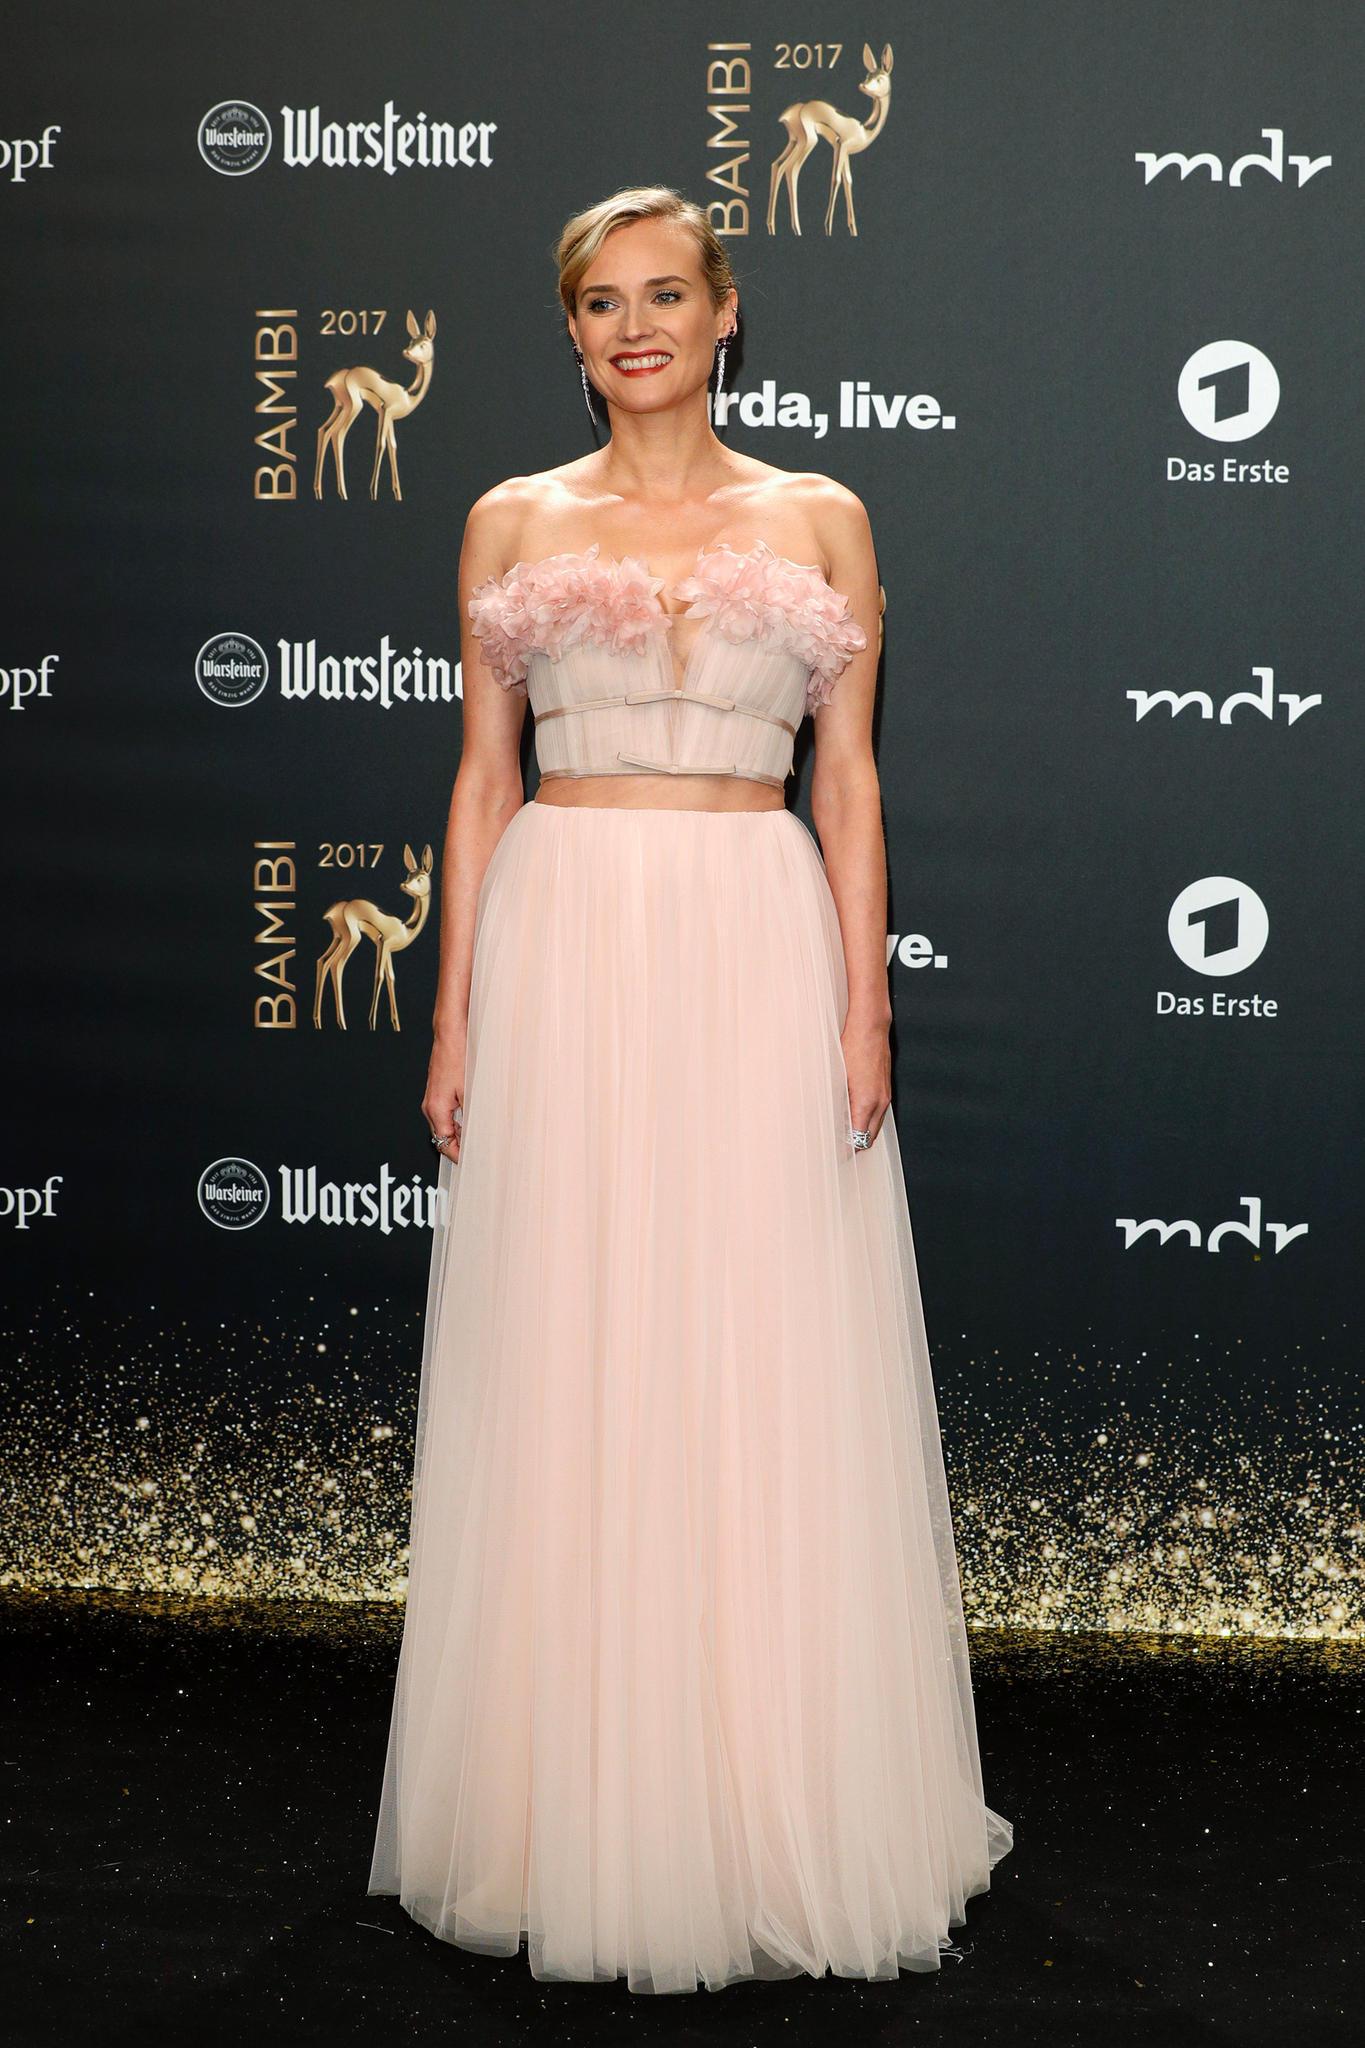 Roter Teppich 2017: Diane Kruger bei der Bambi-Verleihung